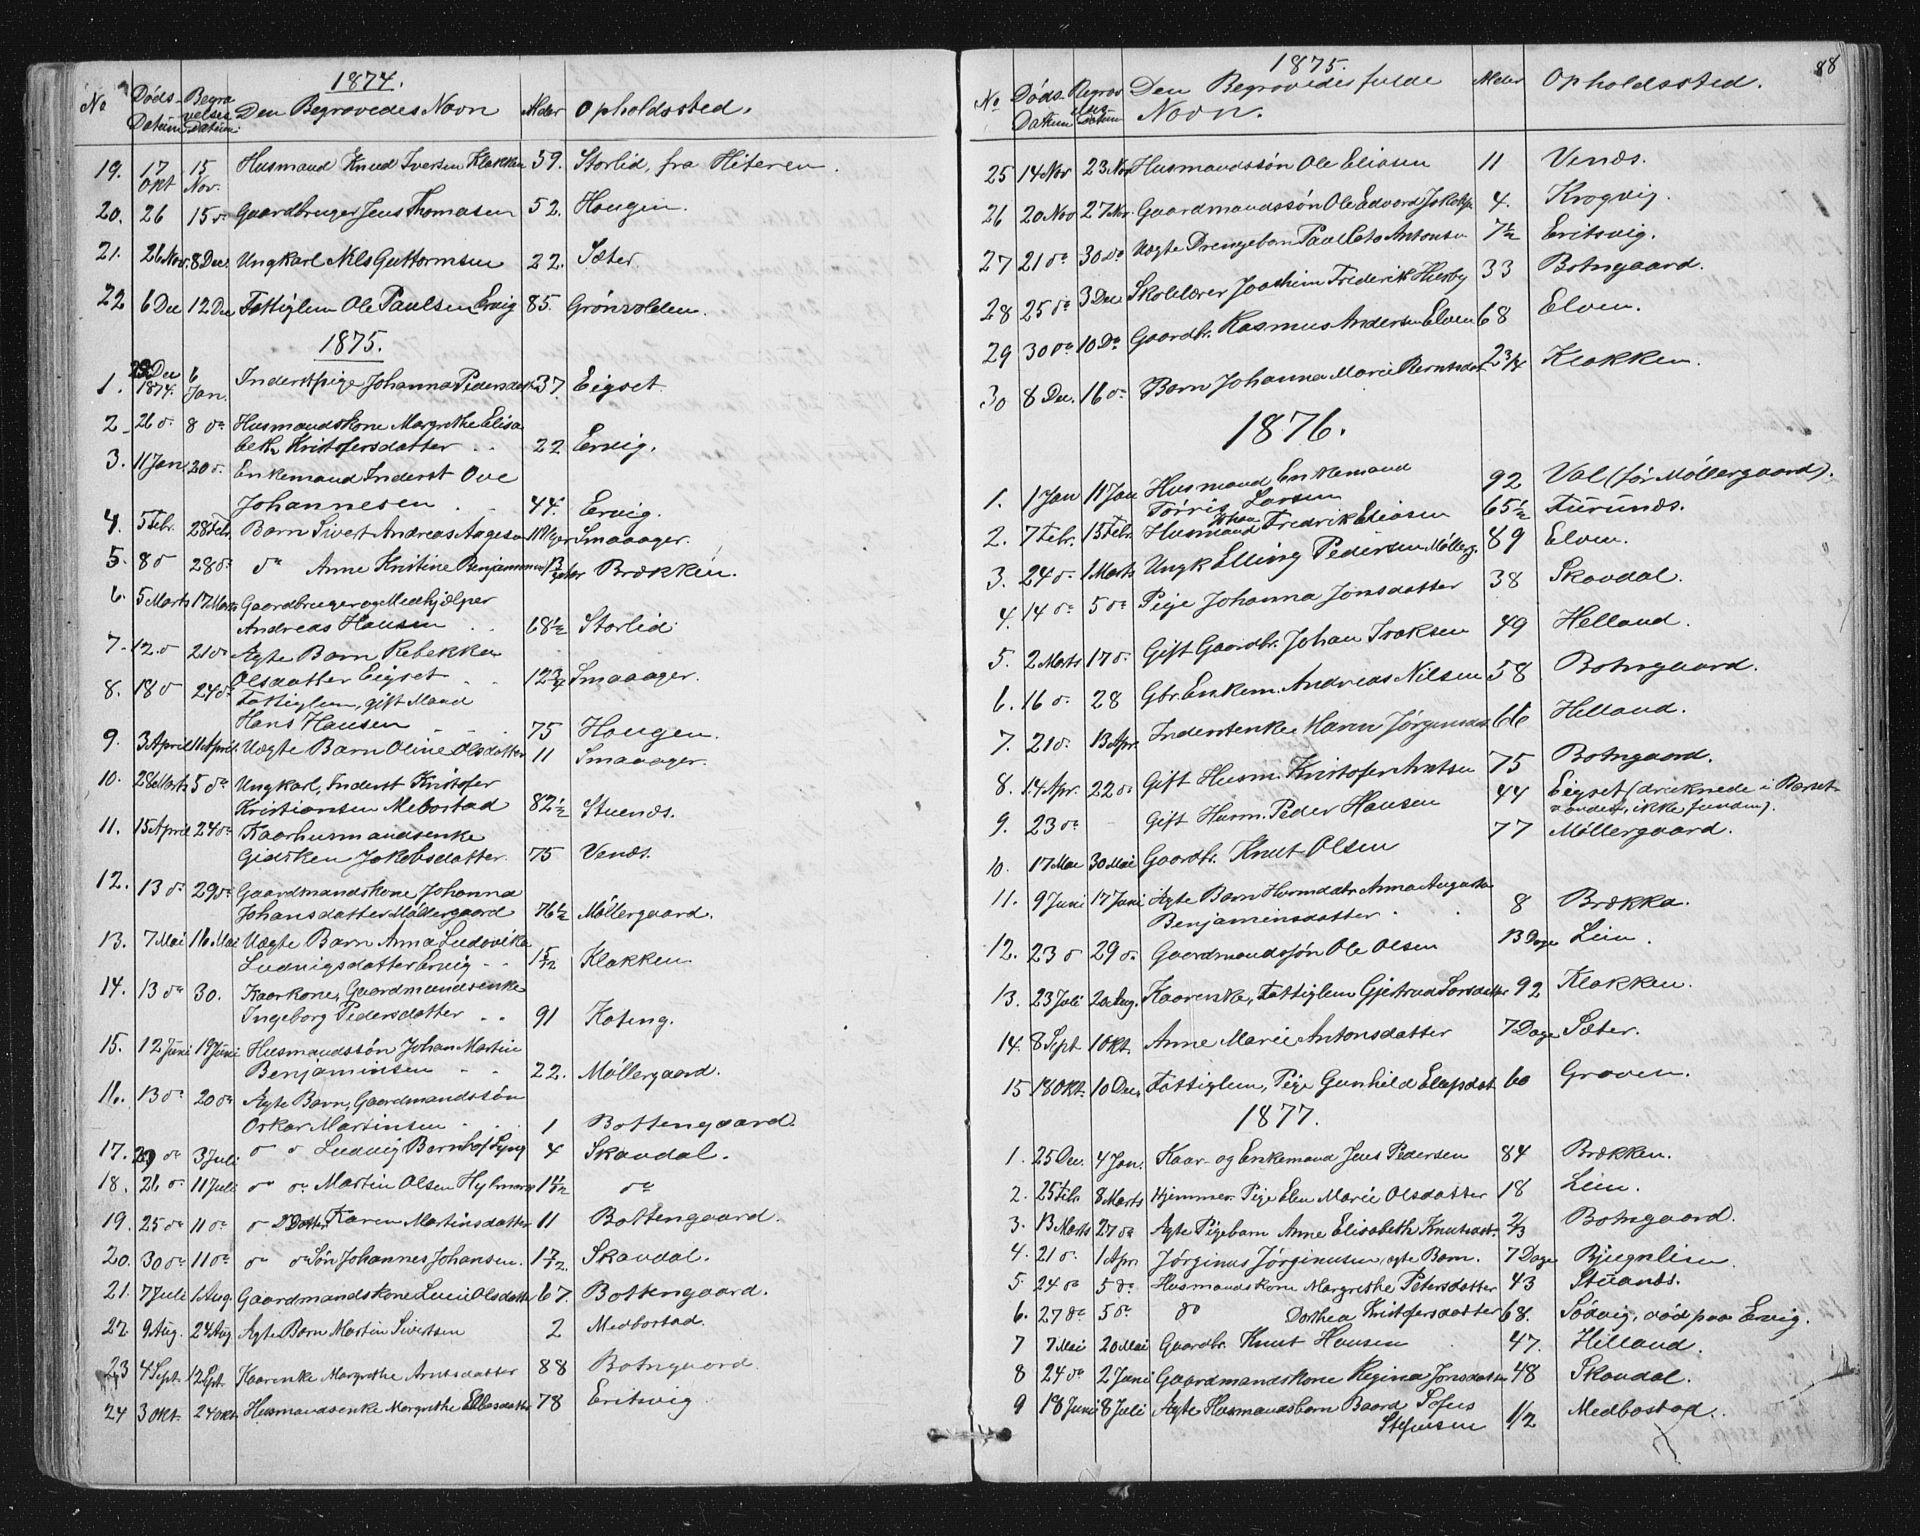 SAT, Ministerialprotokoller, klokkerbøker og fødselsregistre - Sør-Trøndelag, 651/L0647: Klokkerbok nr. 651C01, 1866-1914, s. 88